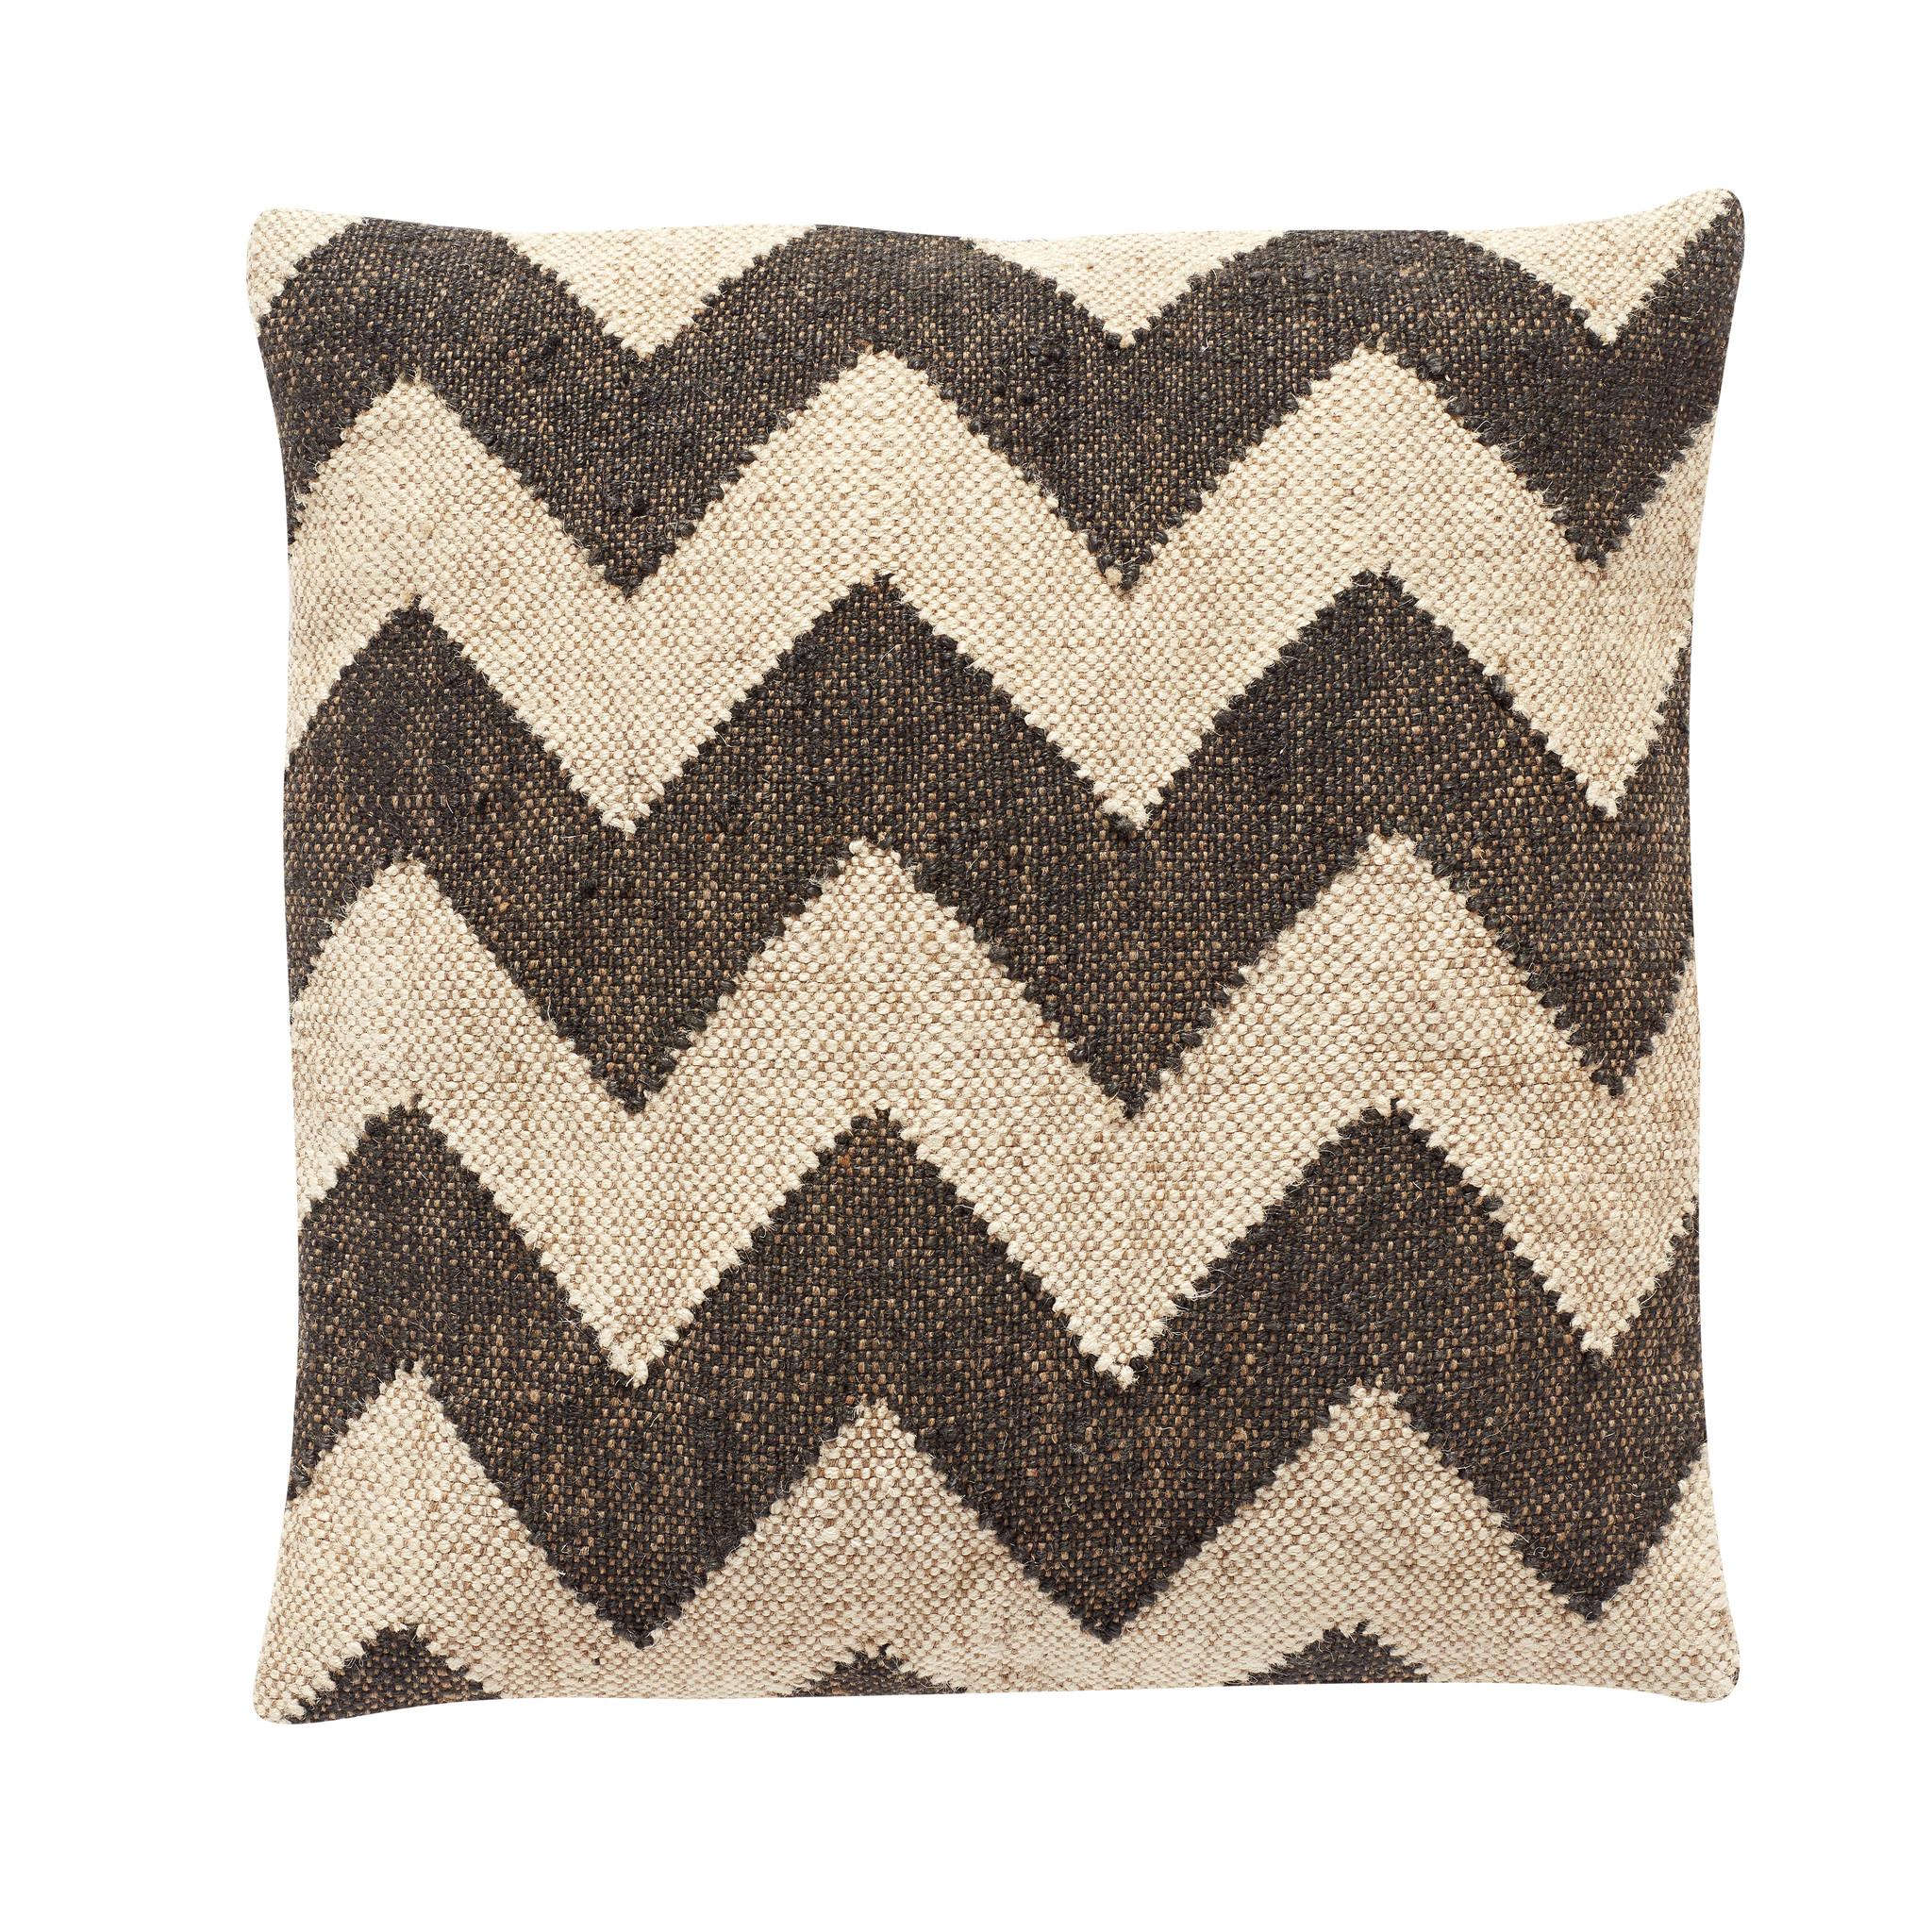 Hubsch Kussen met kelim patroon, wol / jute, zwart / beige-700204-5712772049785